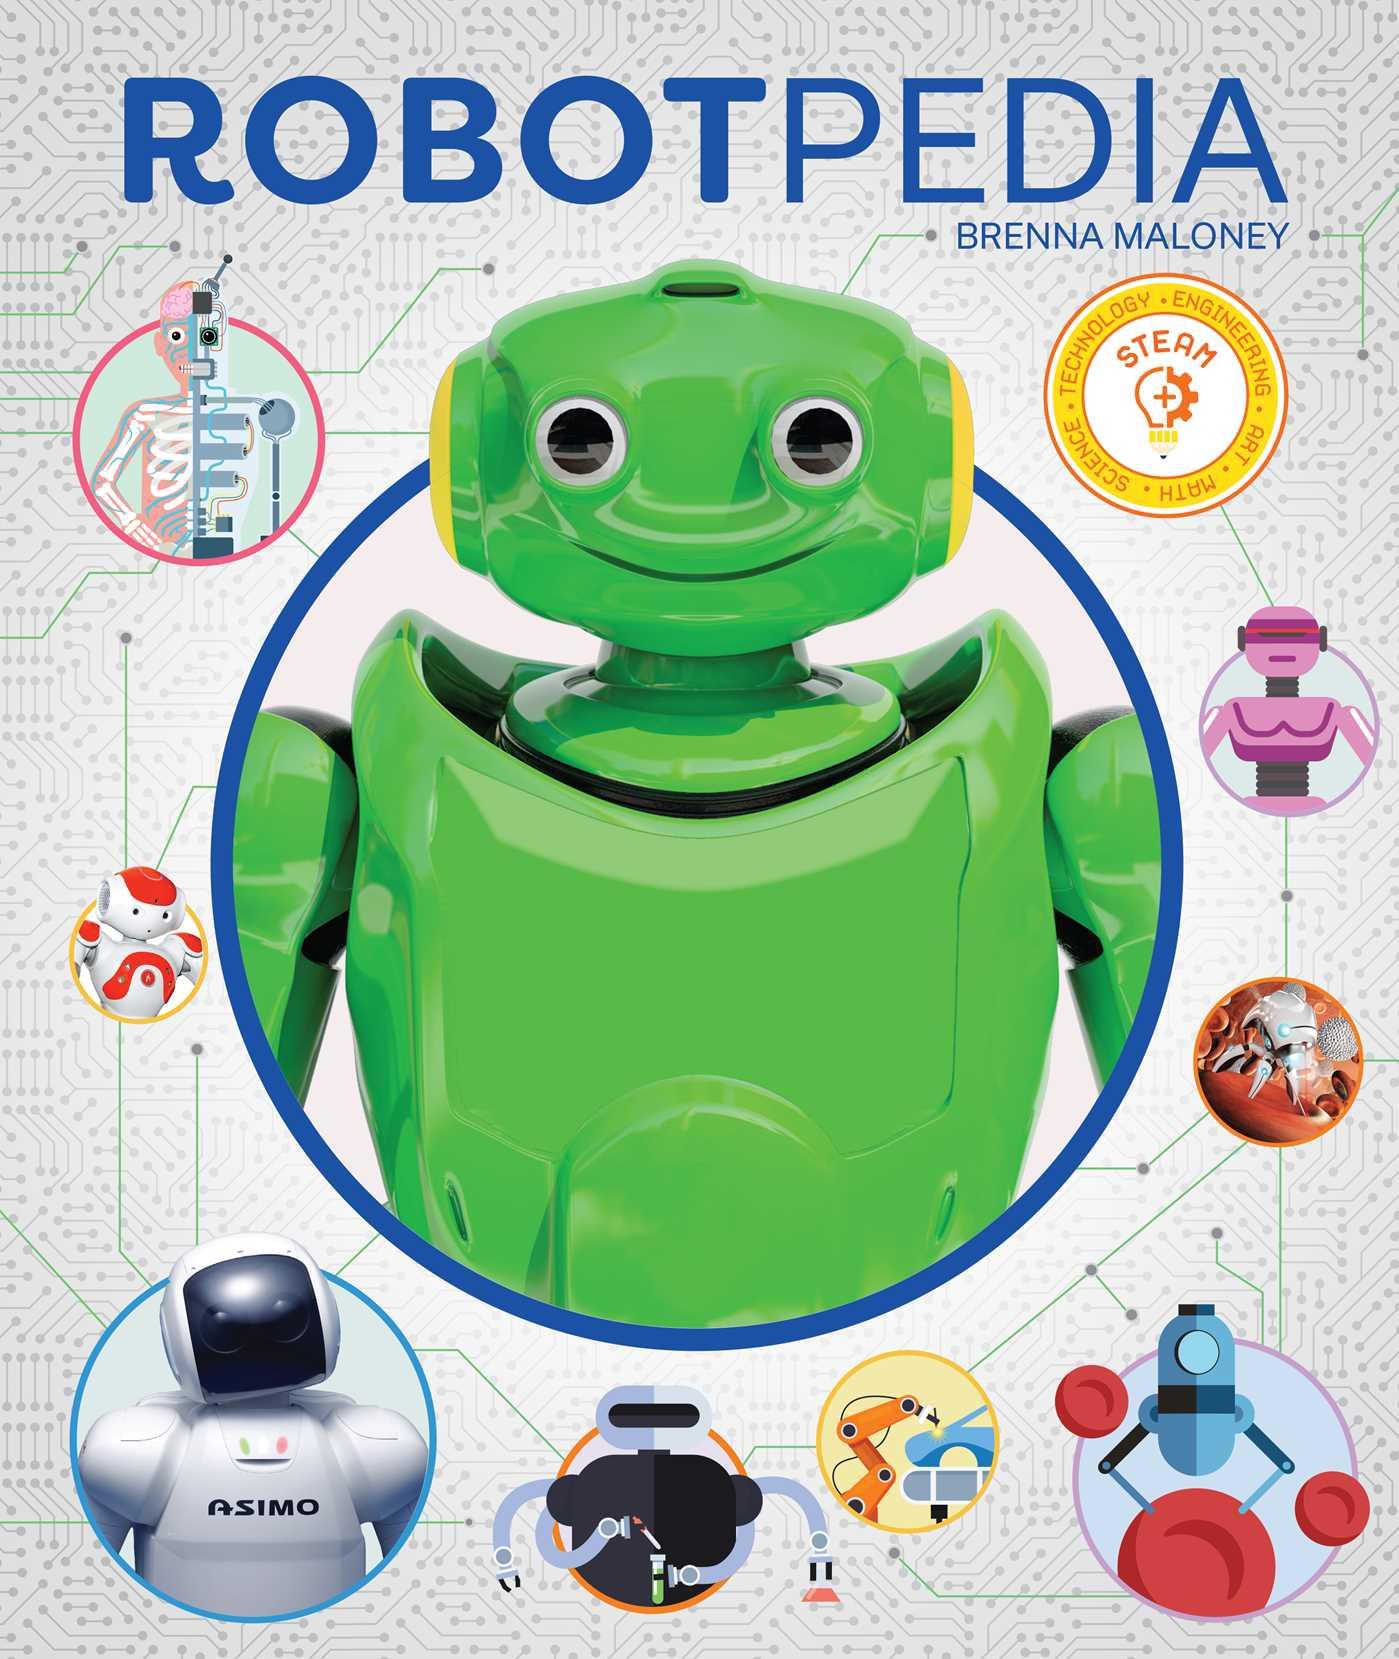 robotpedia cover